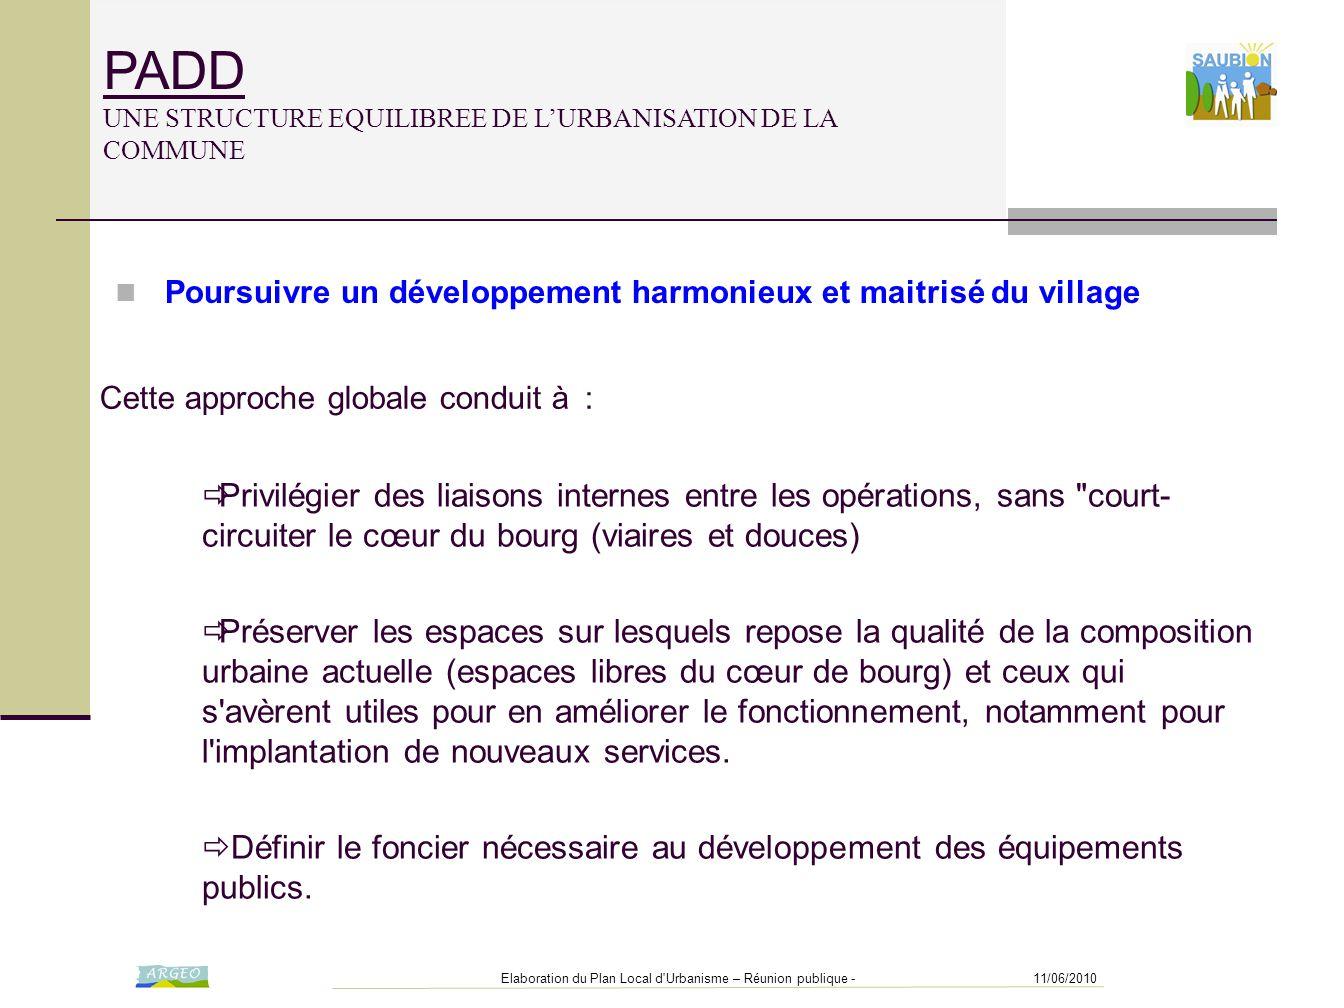 PADD UNE STRUCTURE EQUILIBREE DE L'URBANISATION DE LA COMMUNE